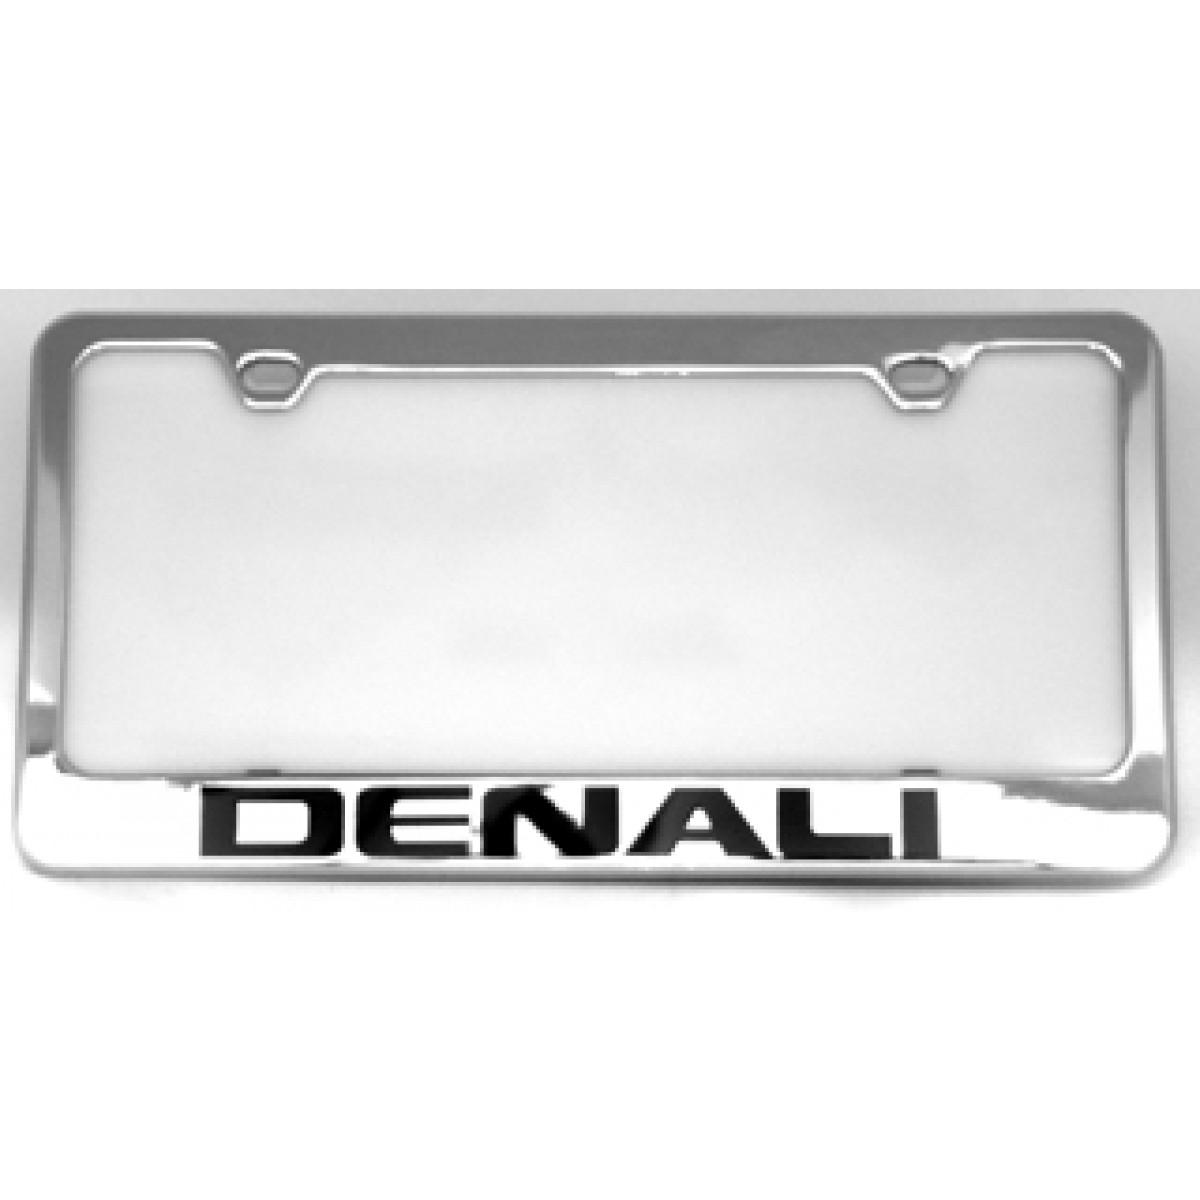 HossRods.com | GMC Denali License Plate Frame - License Plate Frames ...